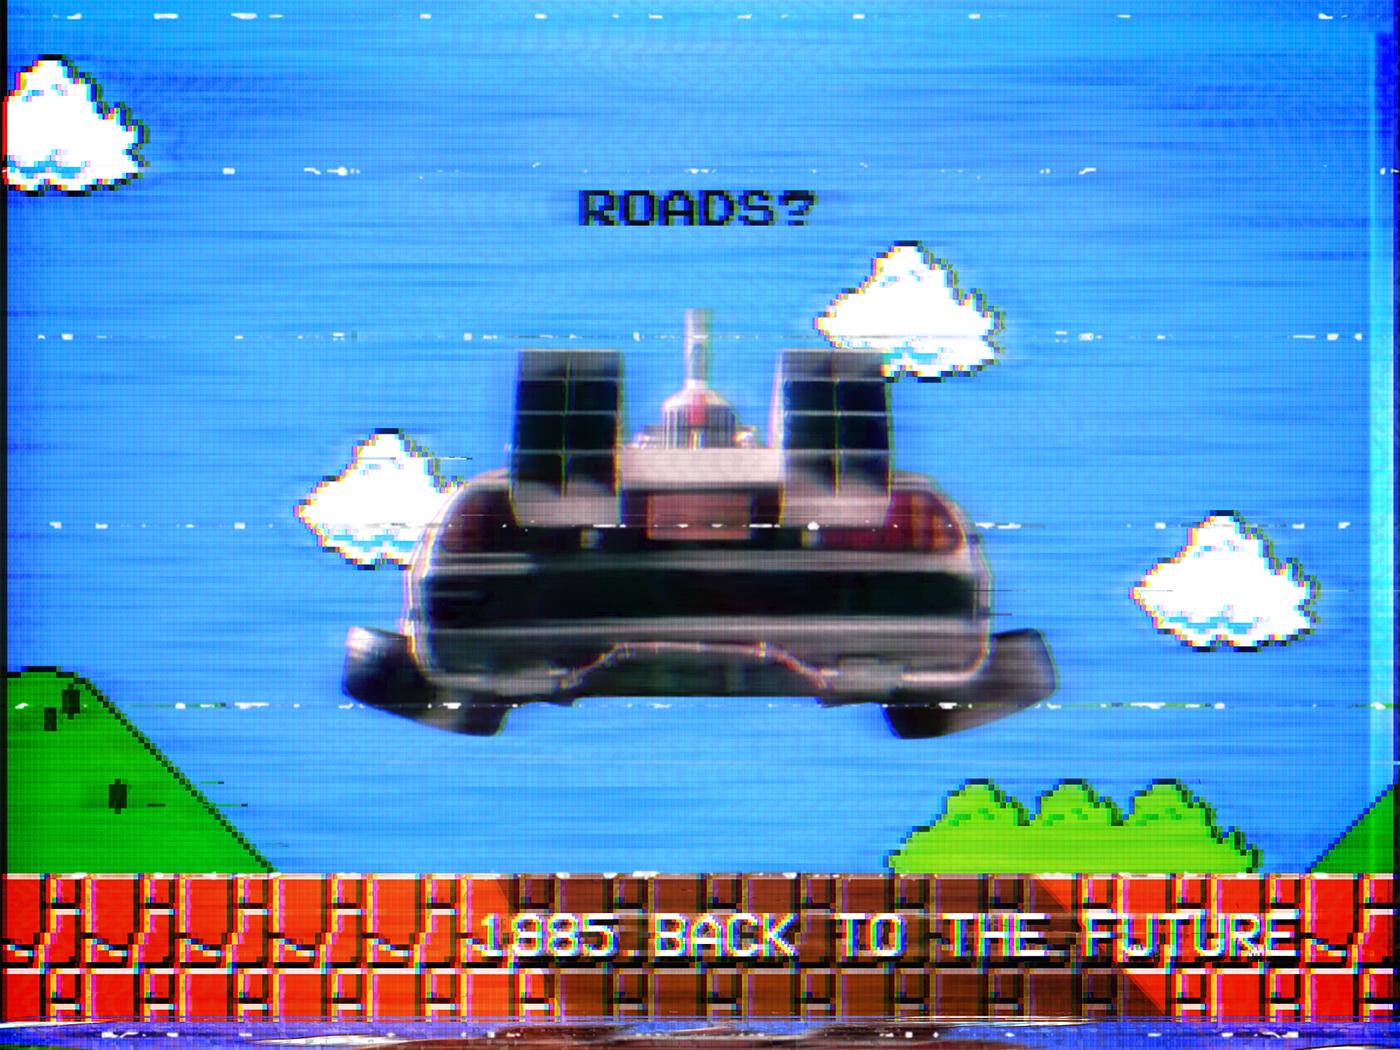 mario bros 30 anos de historia do game01 - MarioBros um game com 30 anos de história